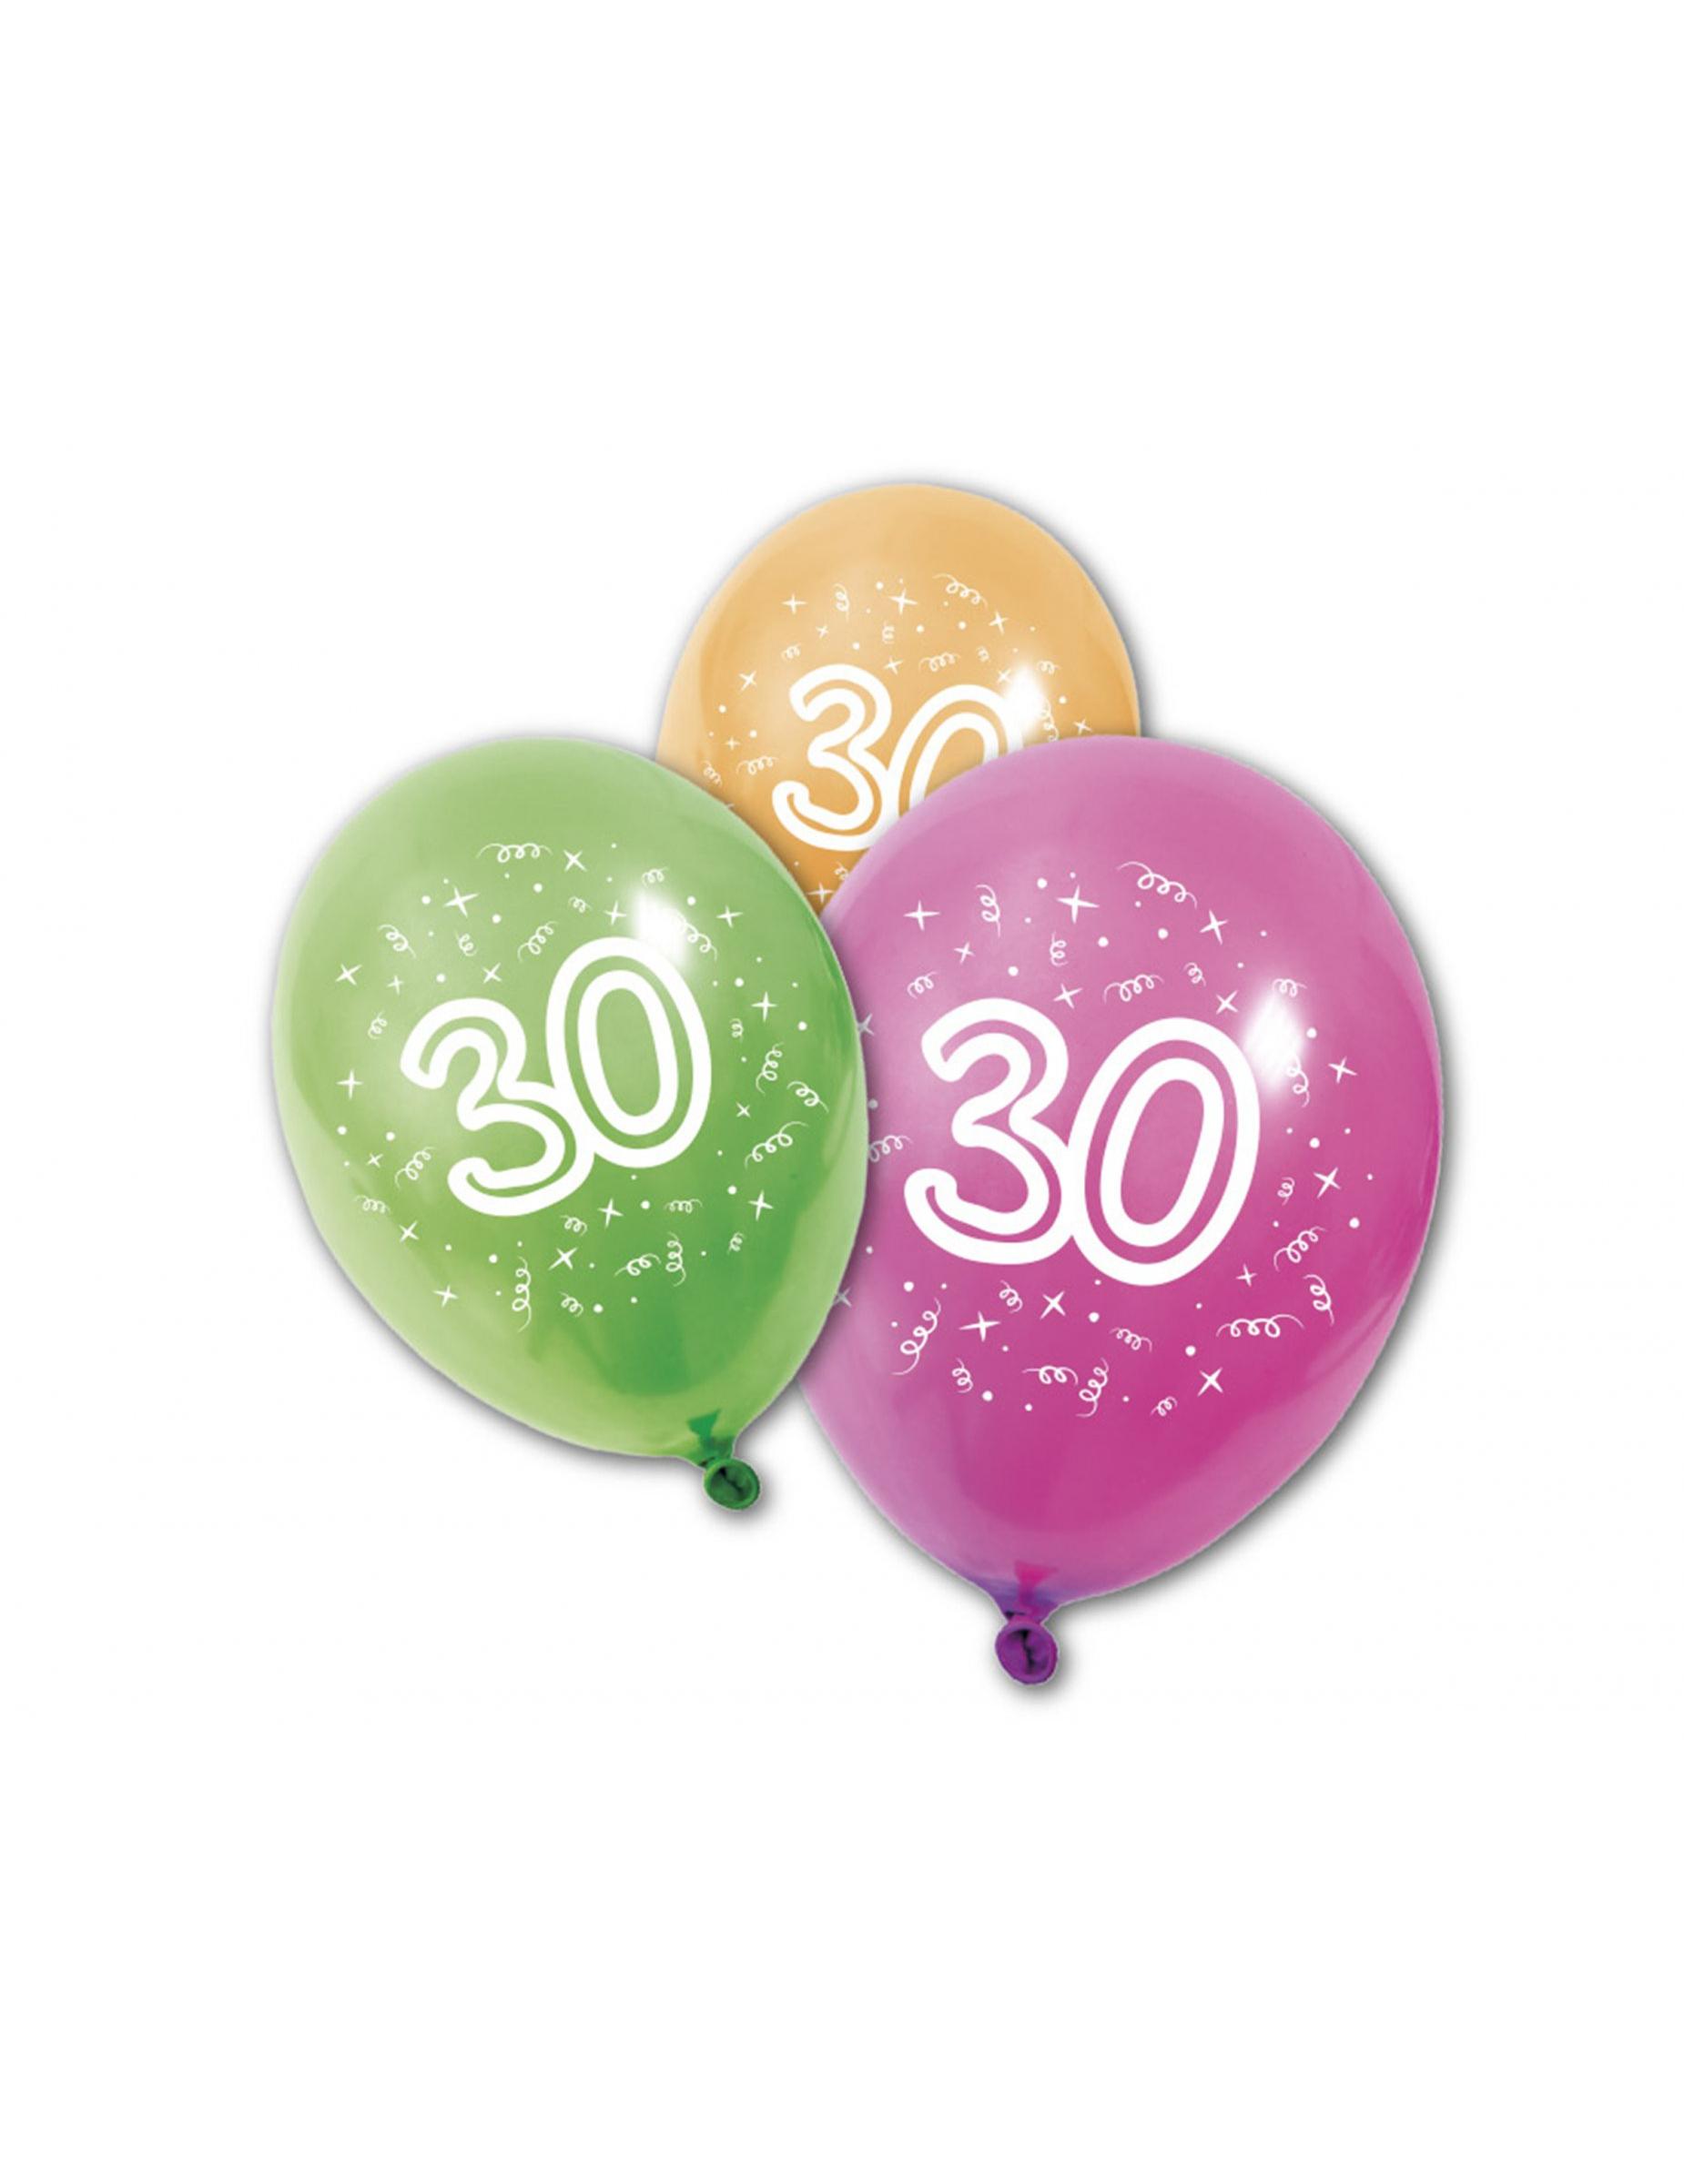 8 ballons anniversaire 30 ans d coration anniversaire et f tes th me sur vegaoo party. Black Bedroom Furniture Sets. Home Design Ideas